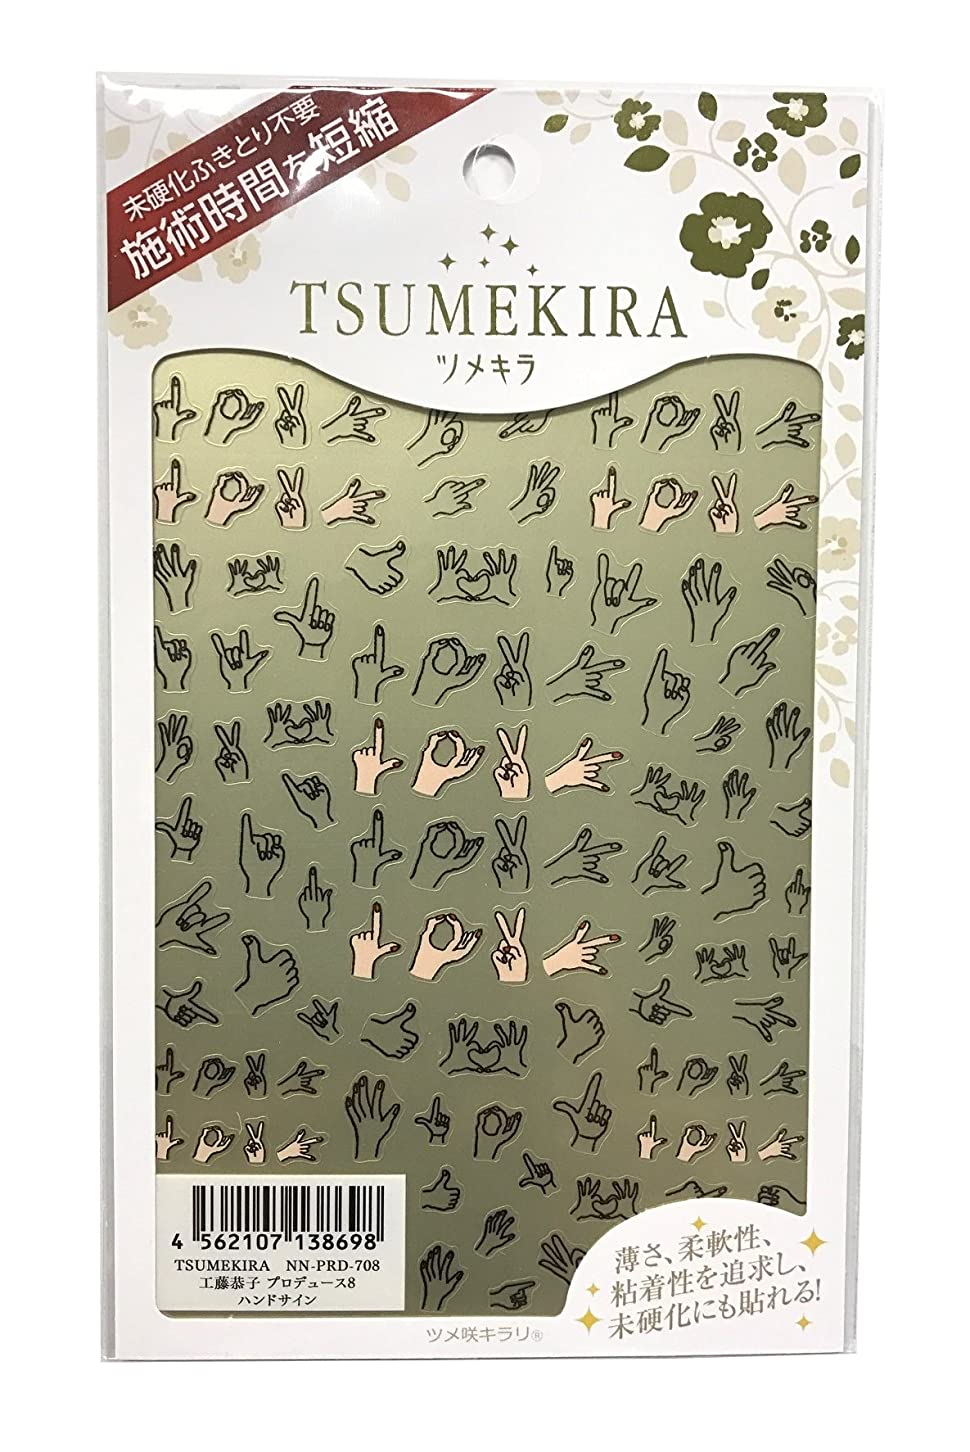 味方謙虚な適合ツメキラ(TSUMEKIRA) ネイル用シール ハンドサイン NN-PRD-708